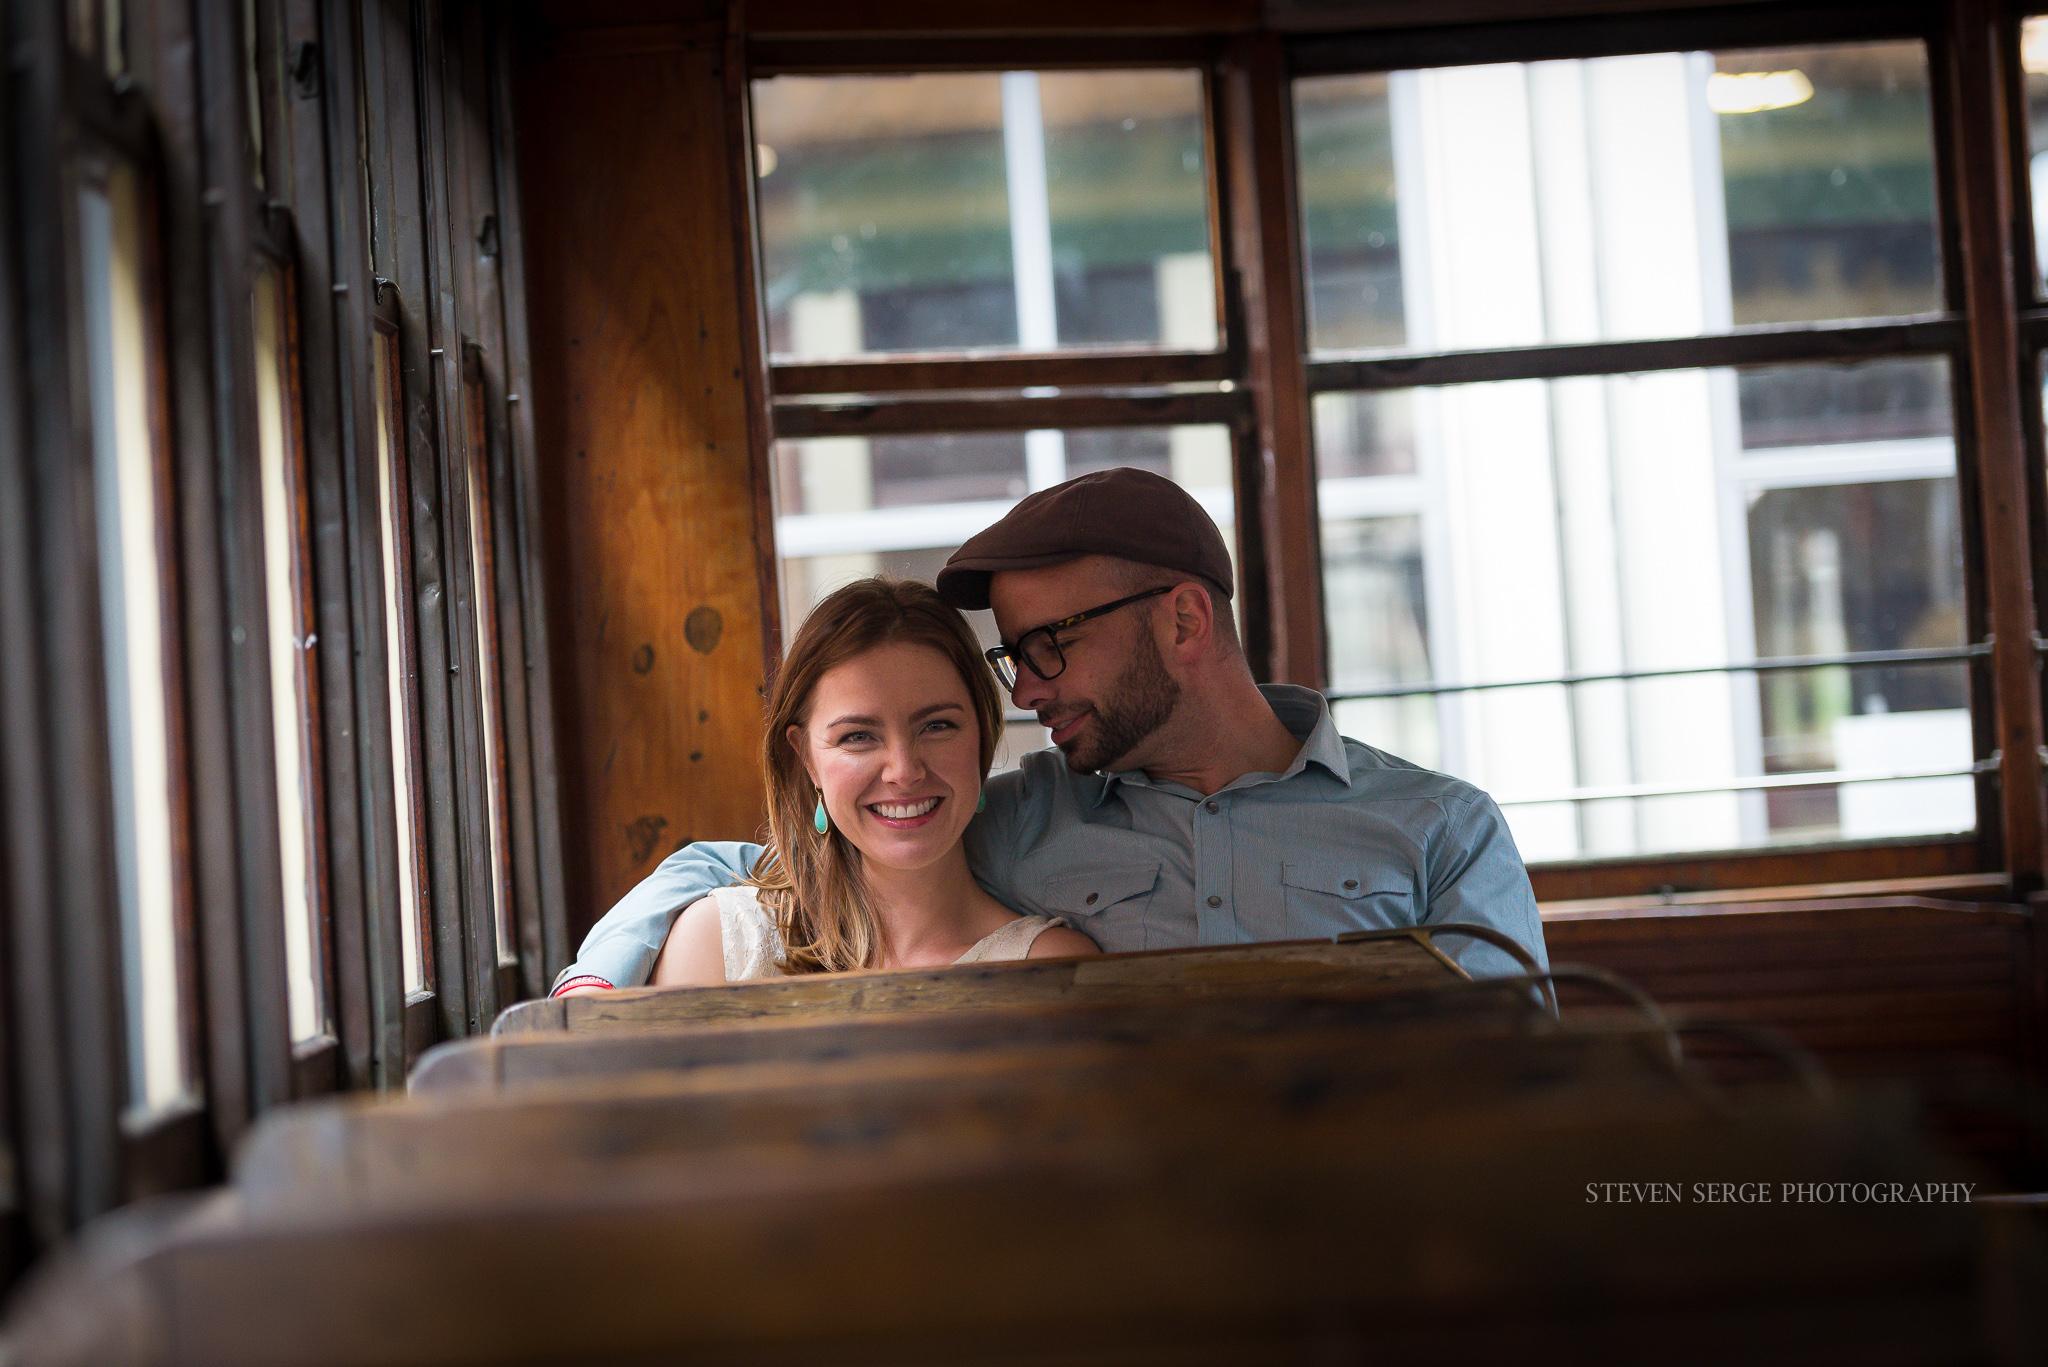 Aleine-Scranton-Engagement-Wedding-Nepa-Photographer-Steamtown-Photography-14.jpg